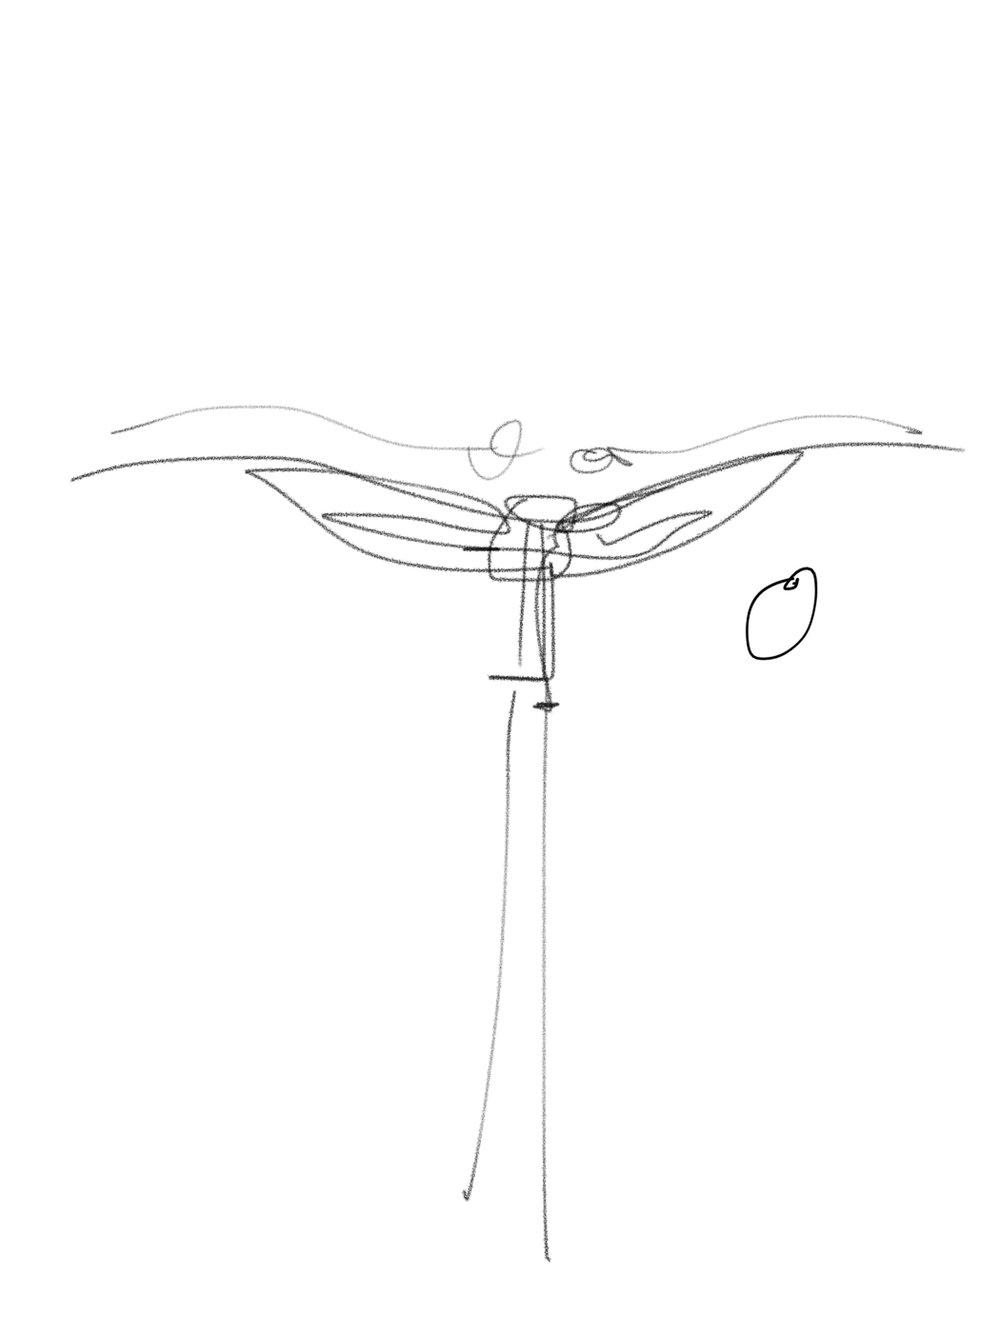 Sketch-468.jpg